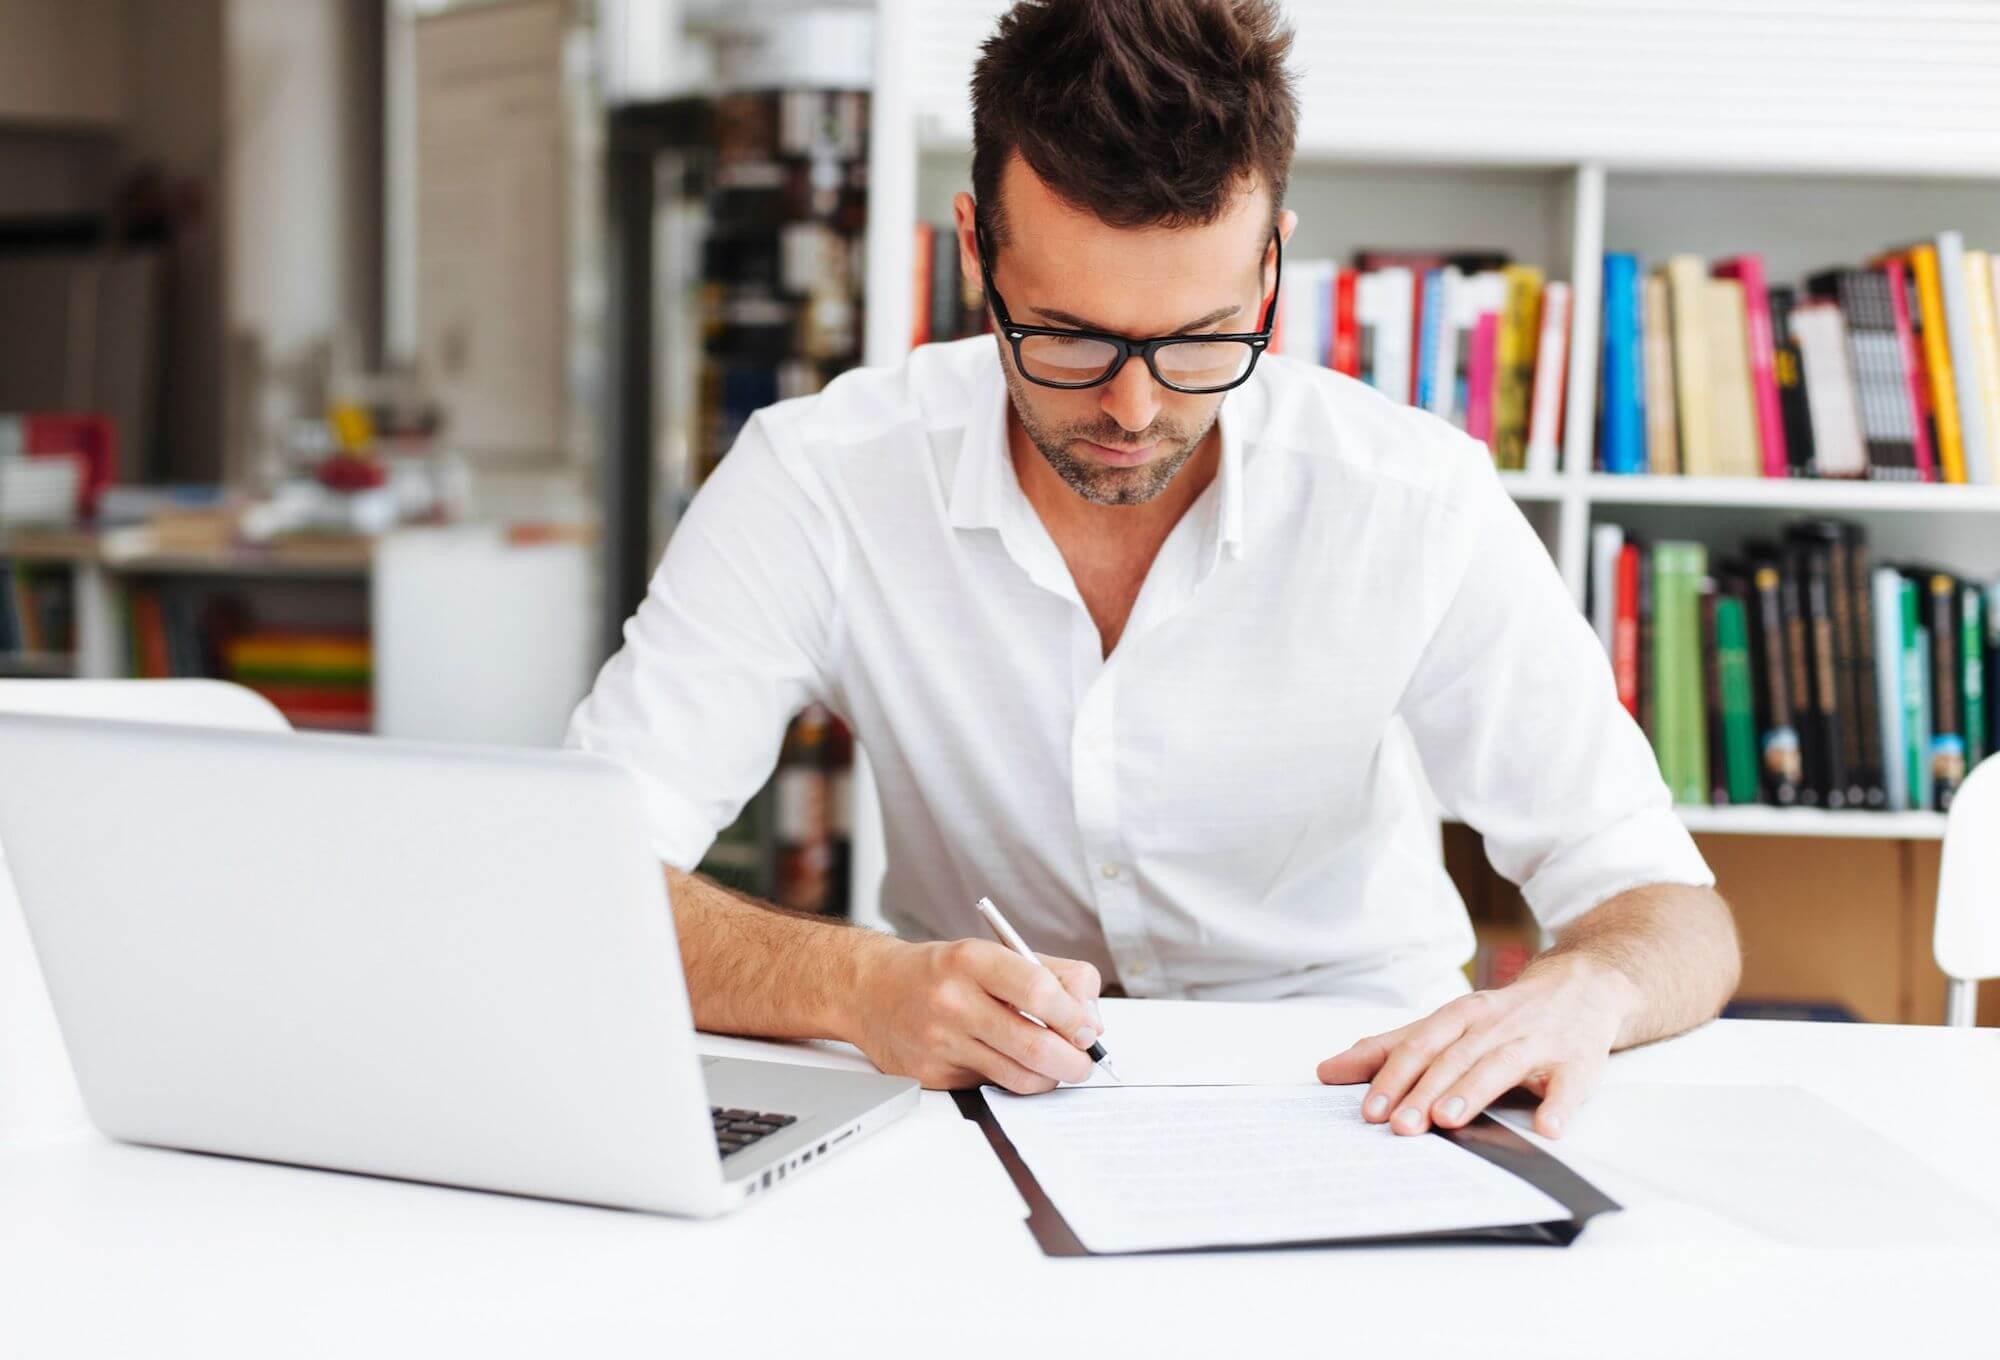 【サイト売買契約書雛形無料ダウンロード付き】実際のサイト売買の契約書チェックすべき大事な項目!